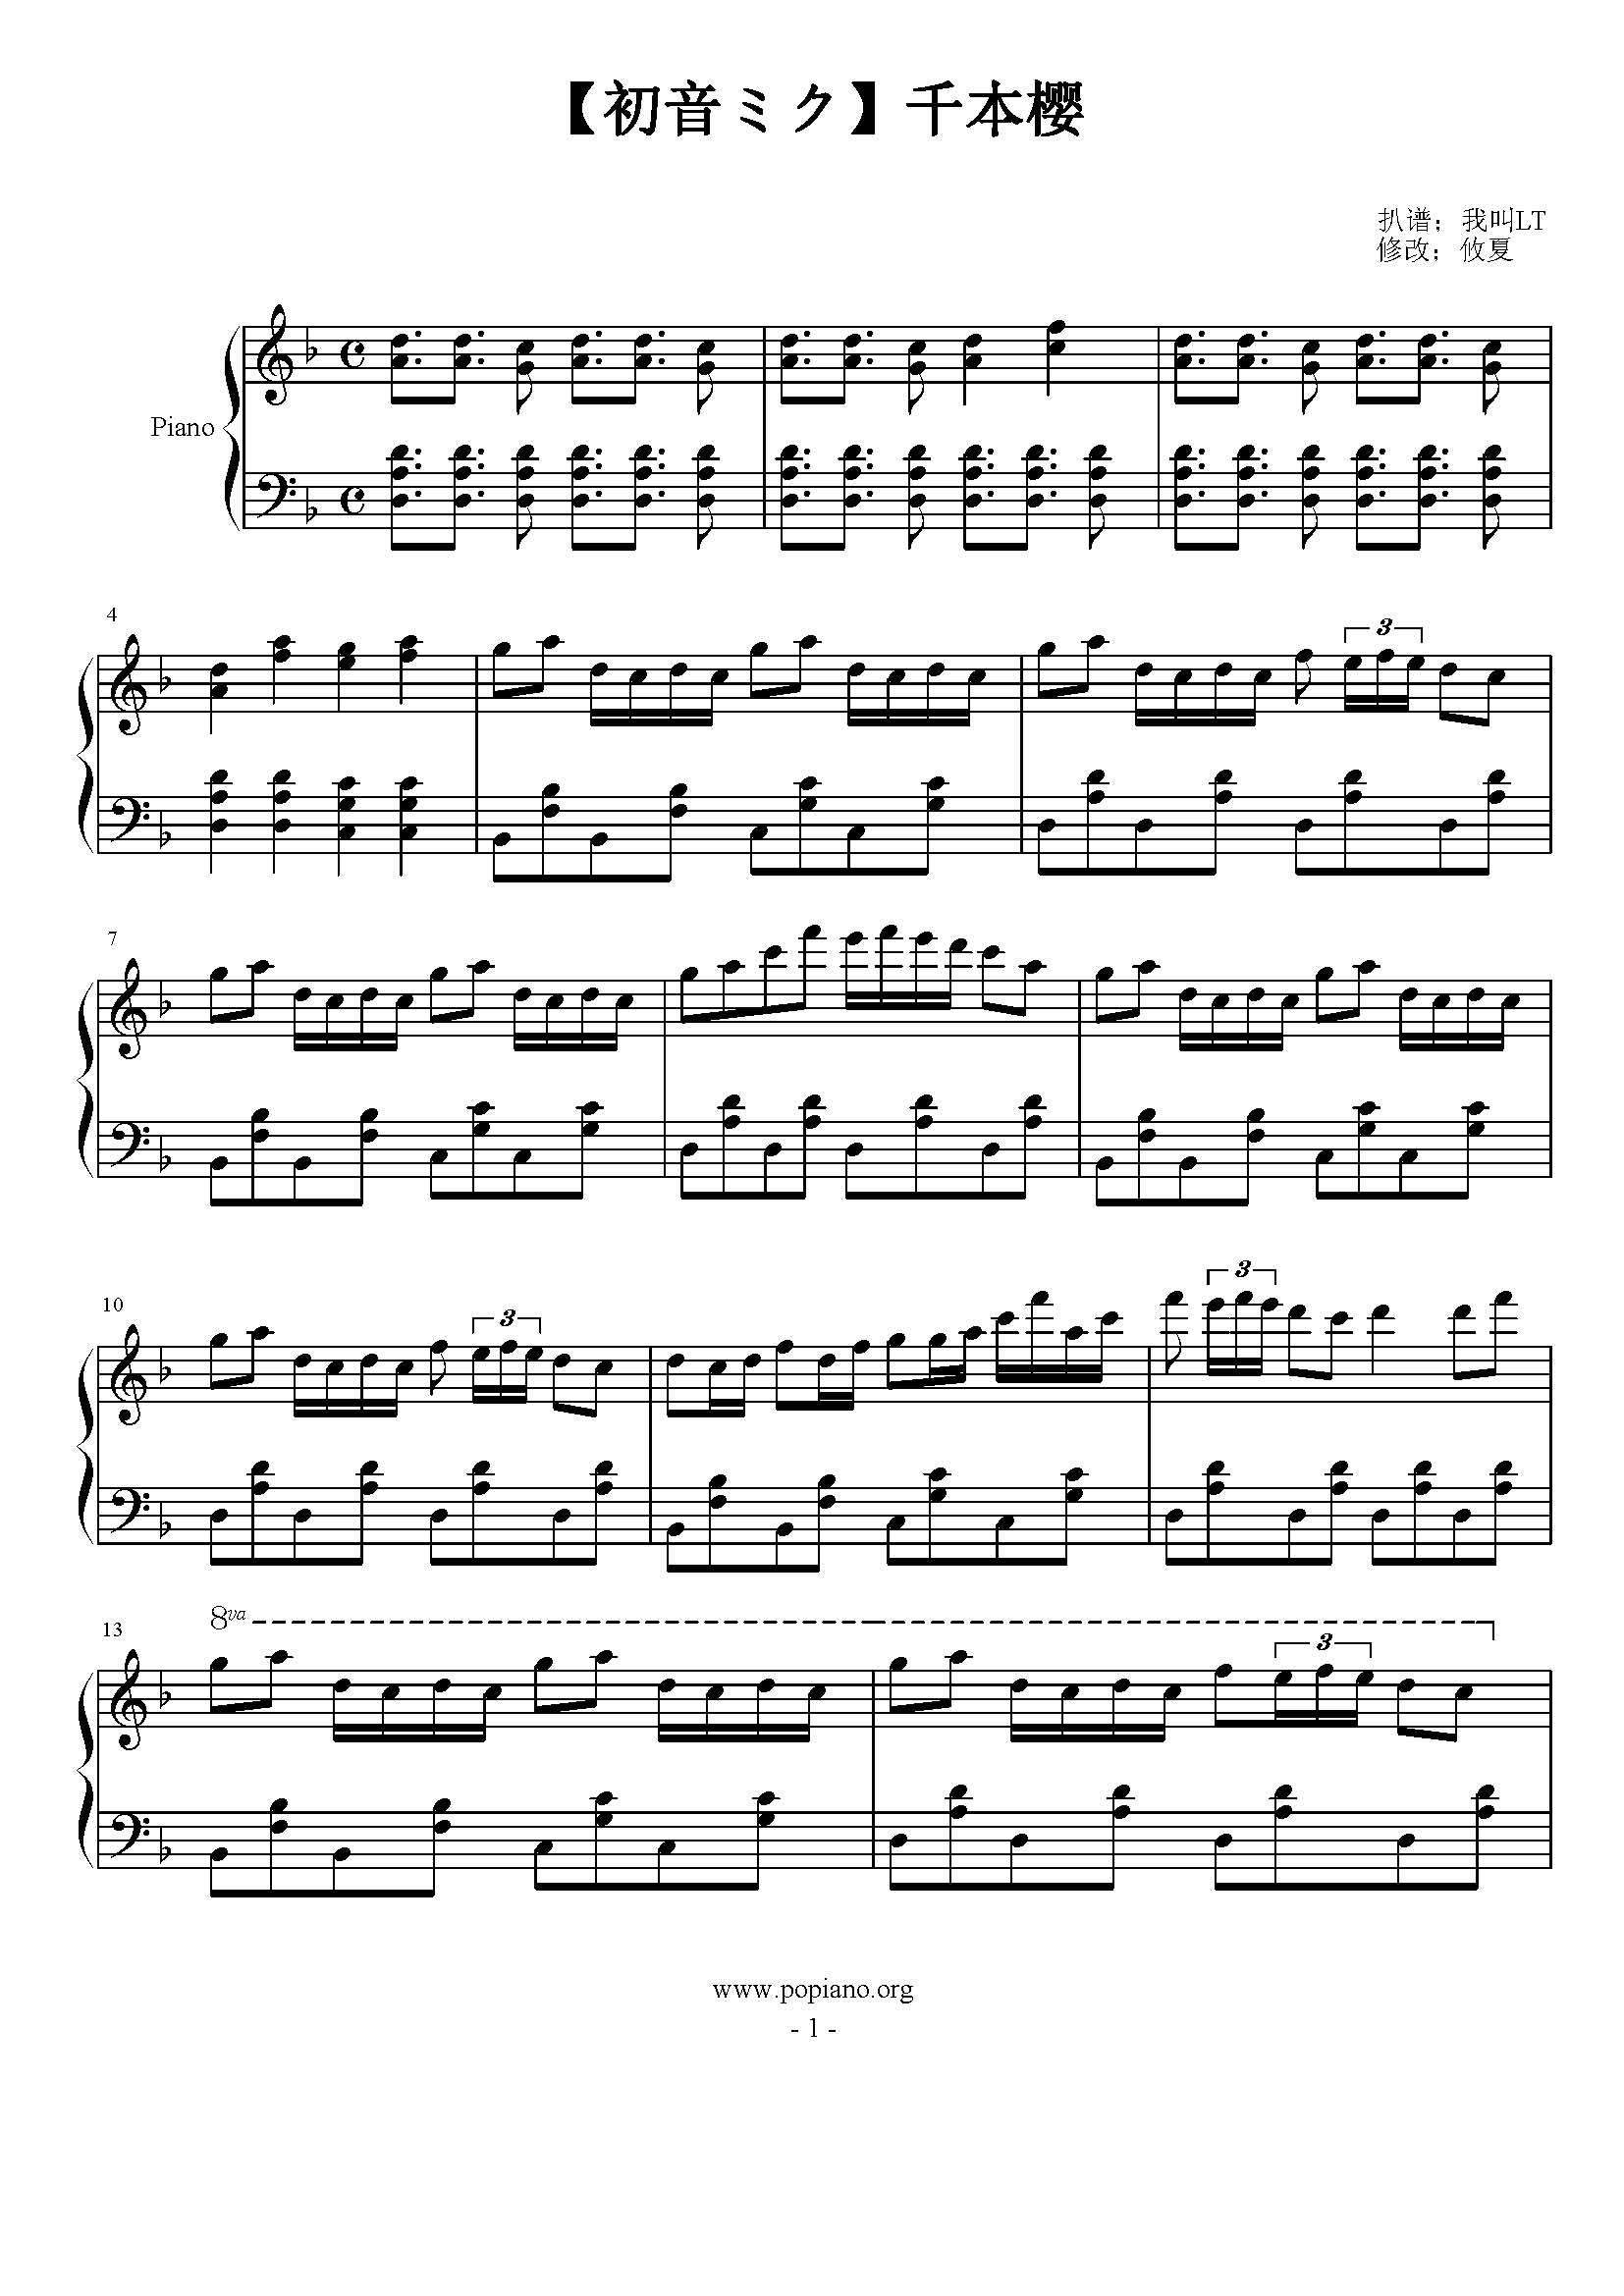 东西钢琴简谱数字